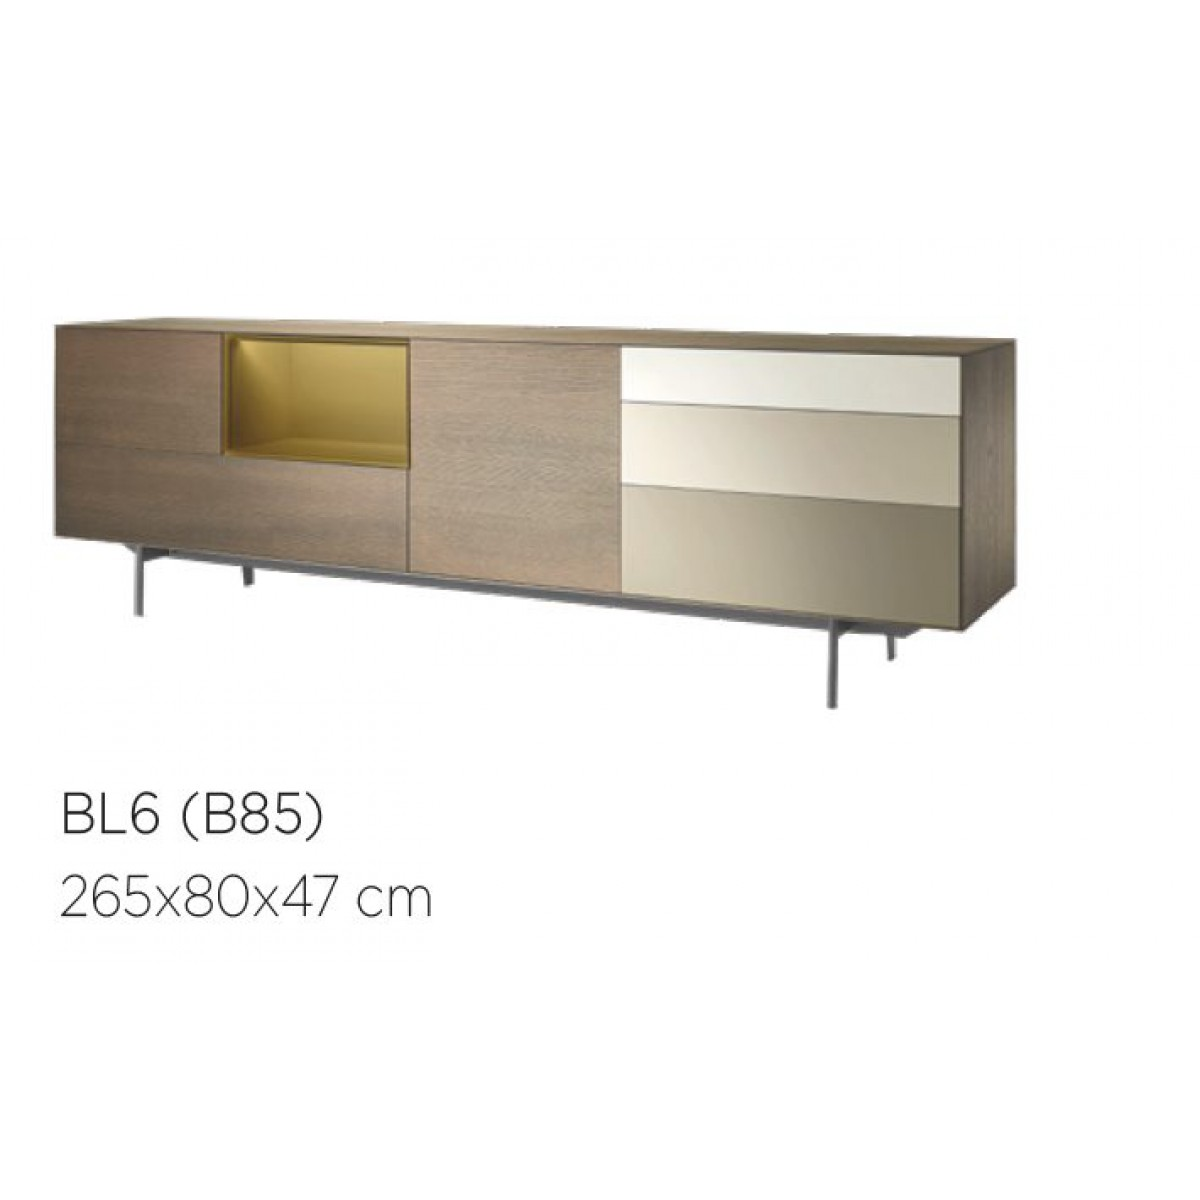 sideboard-sokkel-dressoir-bloom-eiken-BL6-miltonhouse-plint-hangend-metalen-pootstel